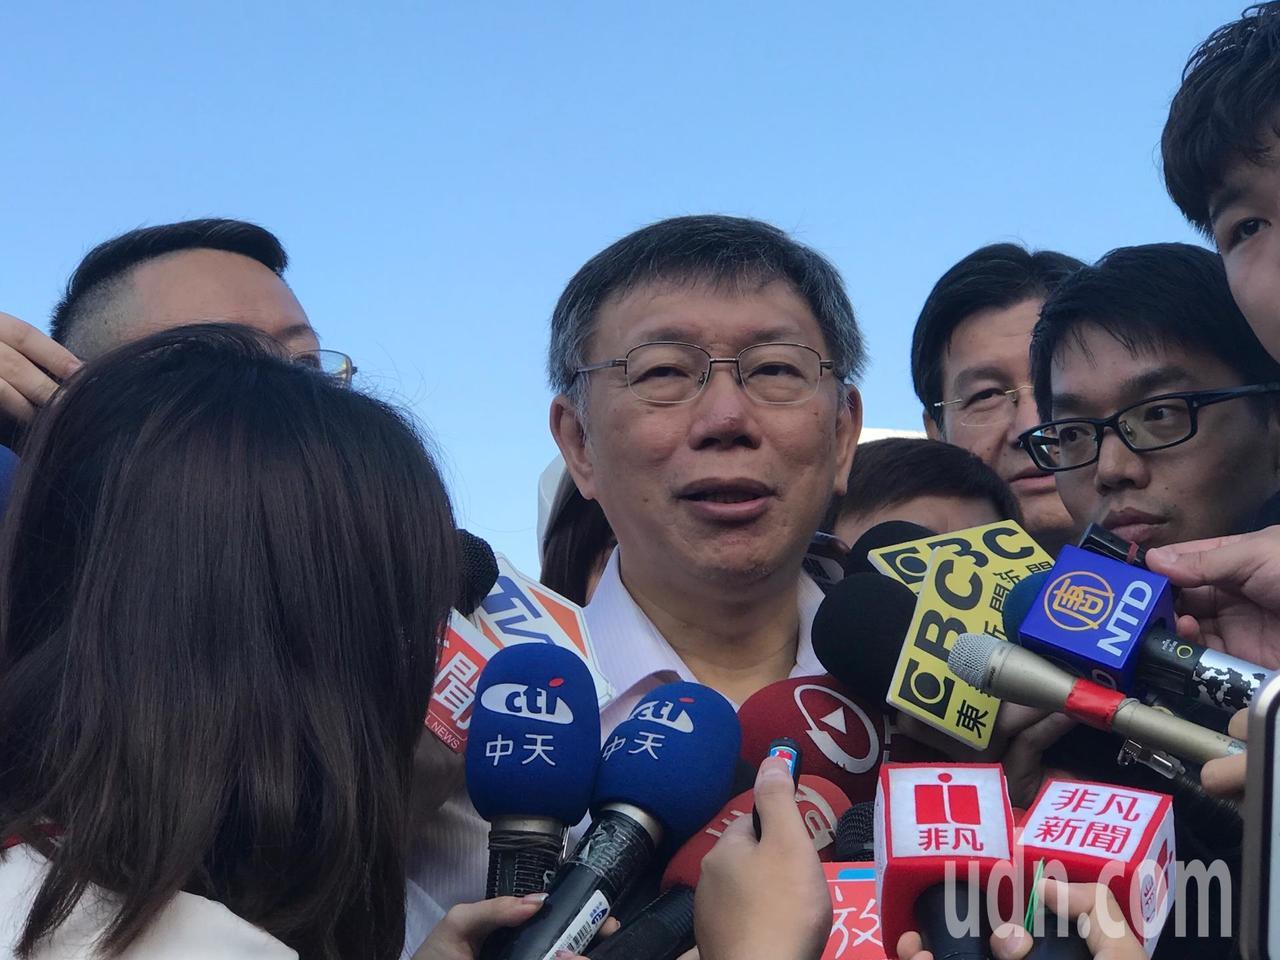 台北市長柯文哲上午參加升旗典禮後受訪。記者楊正海/攝影